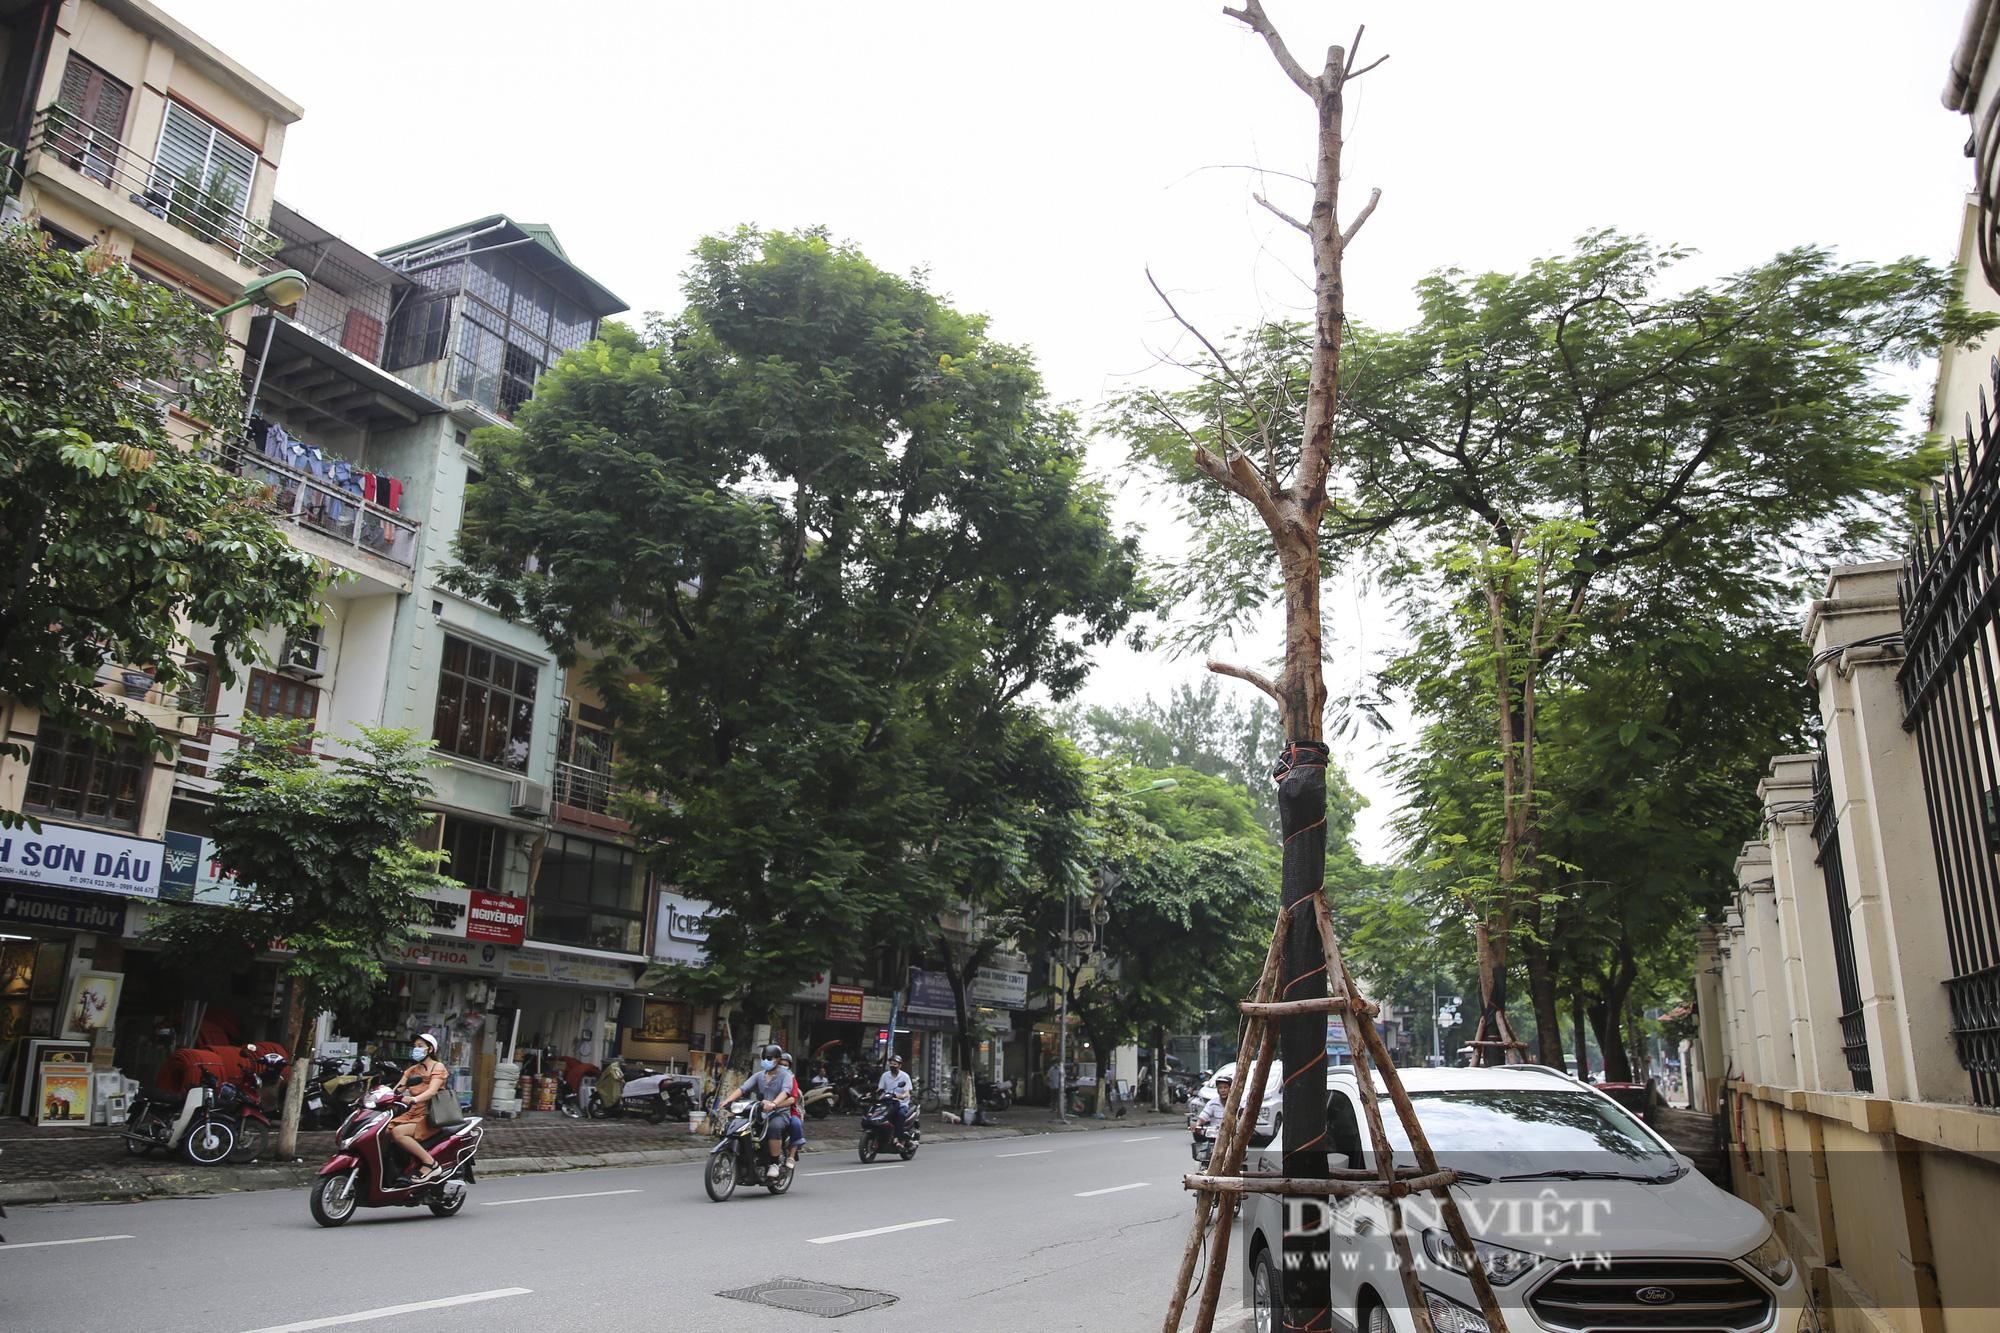 Hà Nội: Nhiều cây xanh trồng mới có dấu hiệu chết khô  - Ảnh 13.